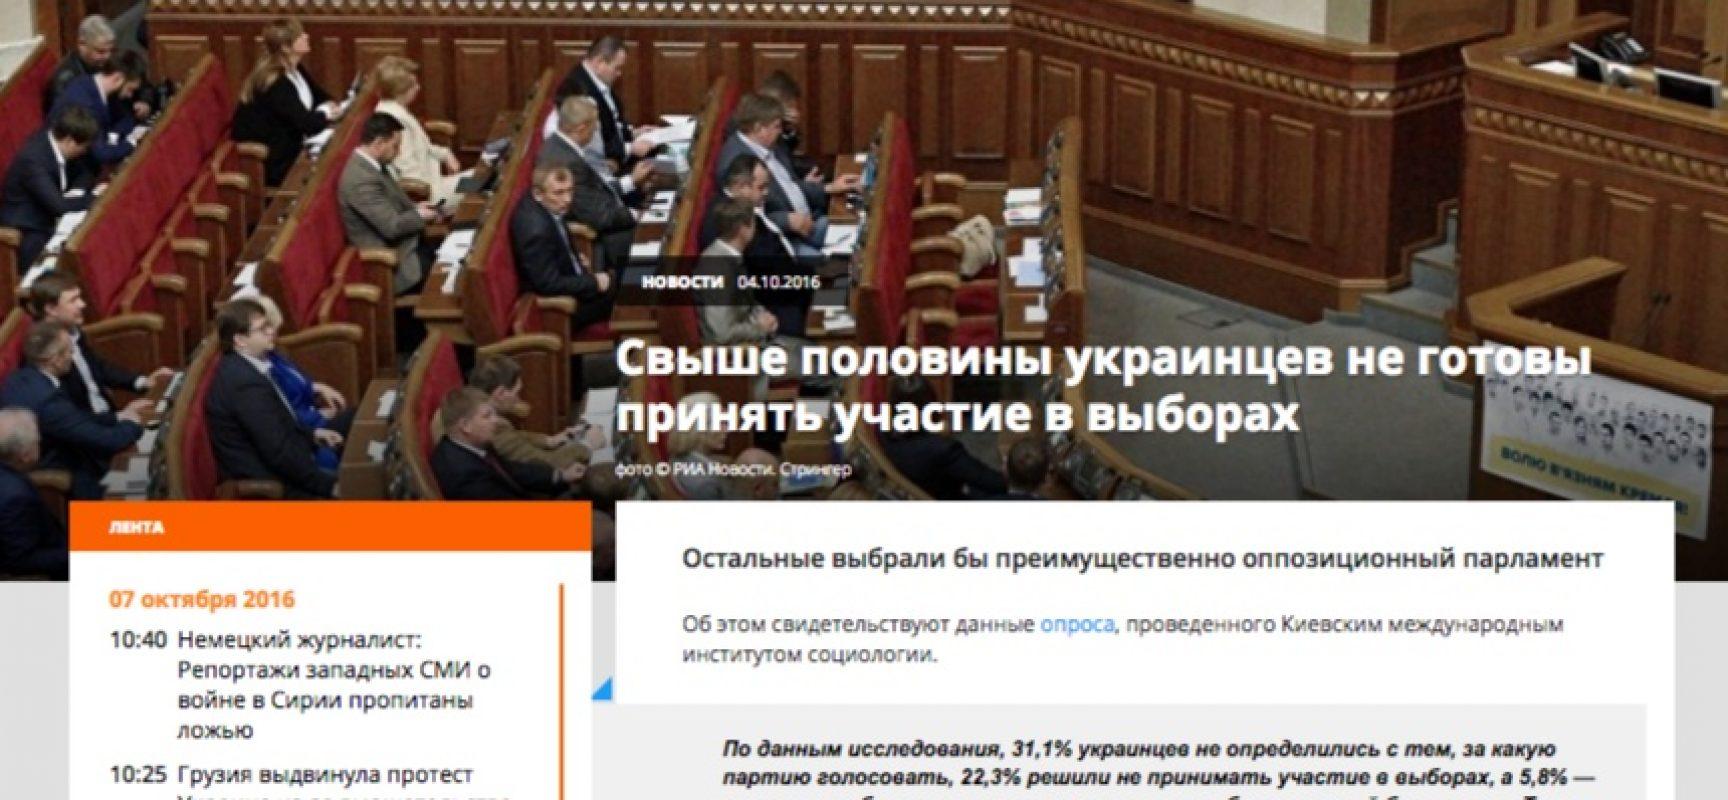 Fake: Secondo i risultati del sondaggio la maggioranza degli ucraini non sono pronti a partecipare alle elezioni